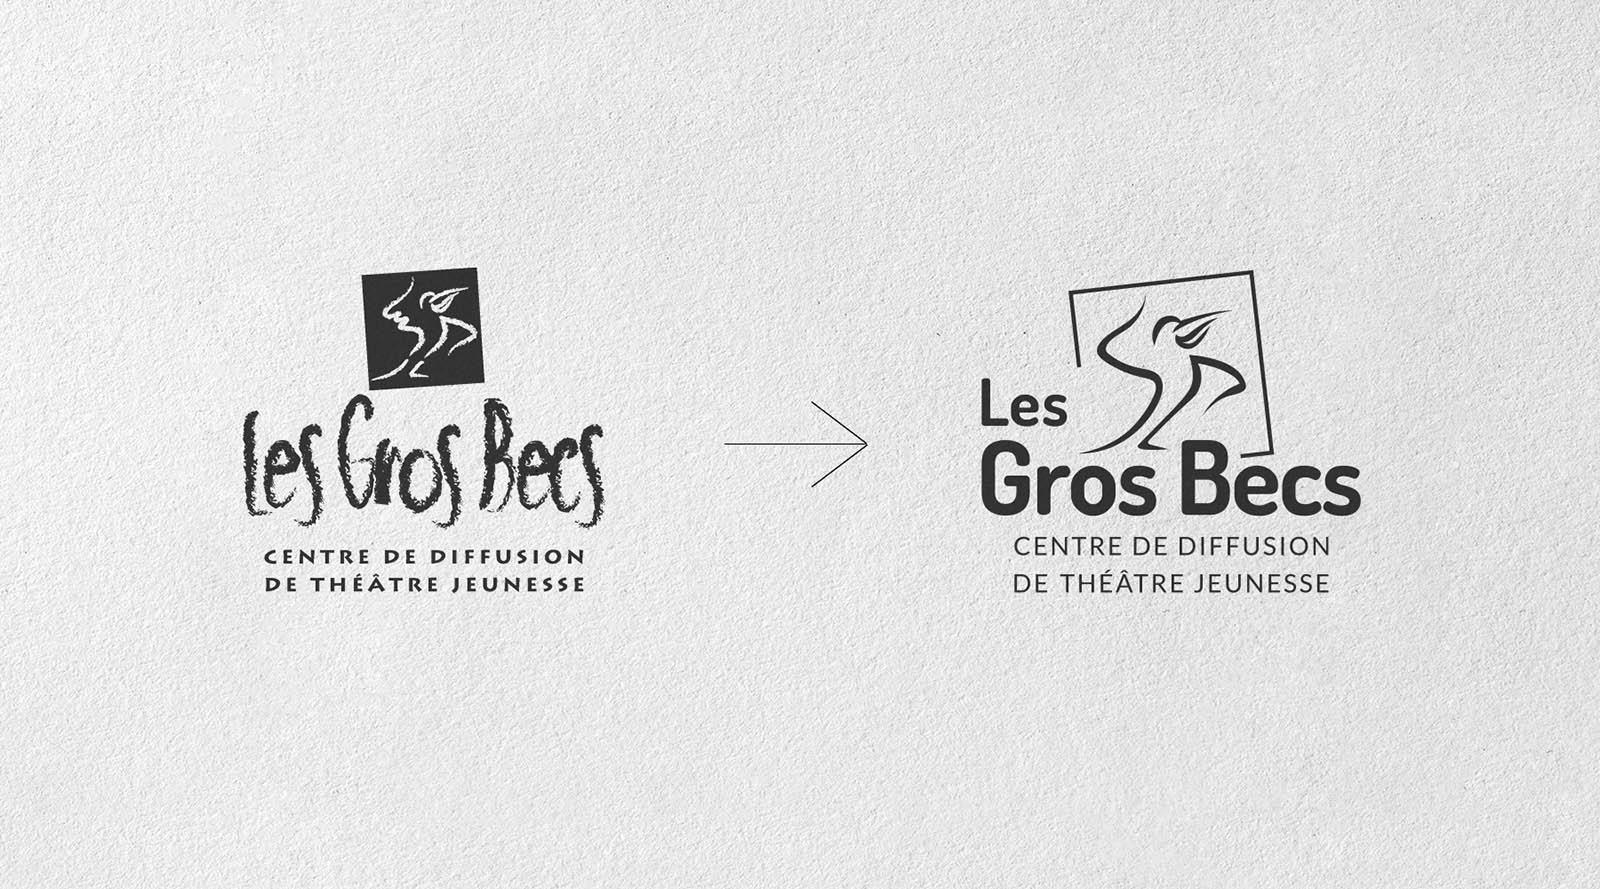 Theatre Les Gros Becs